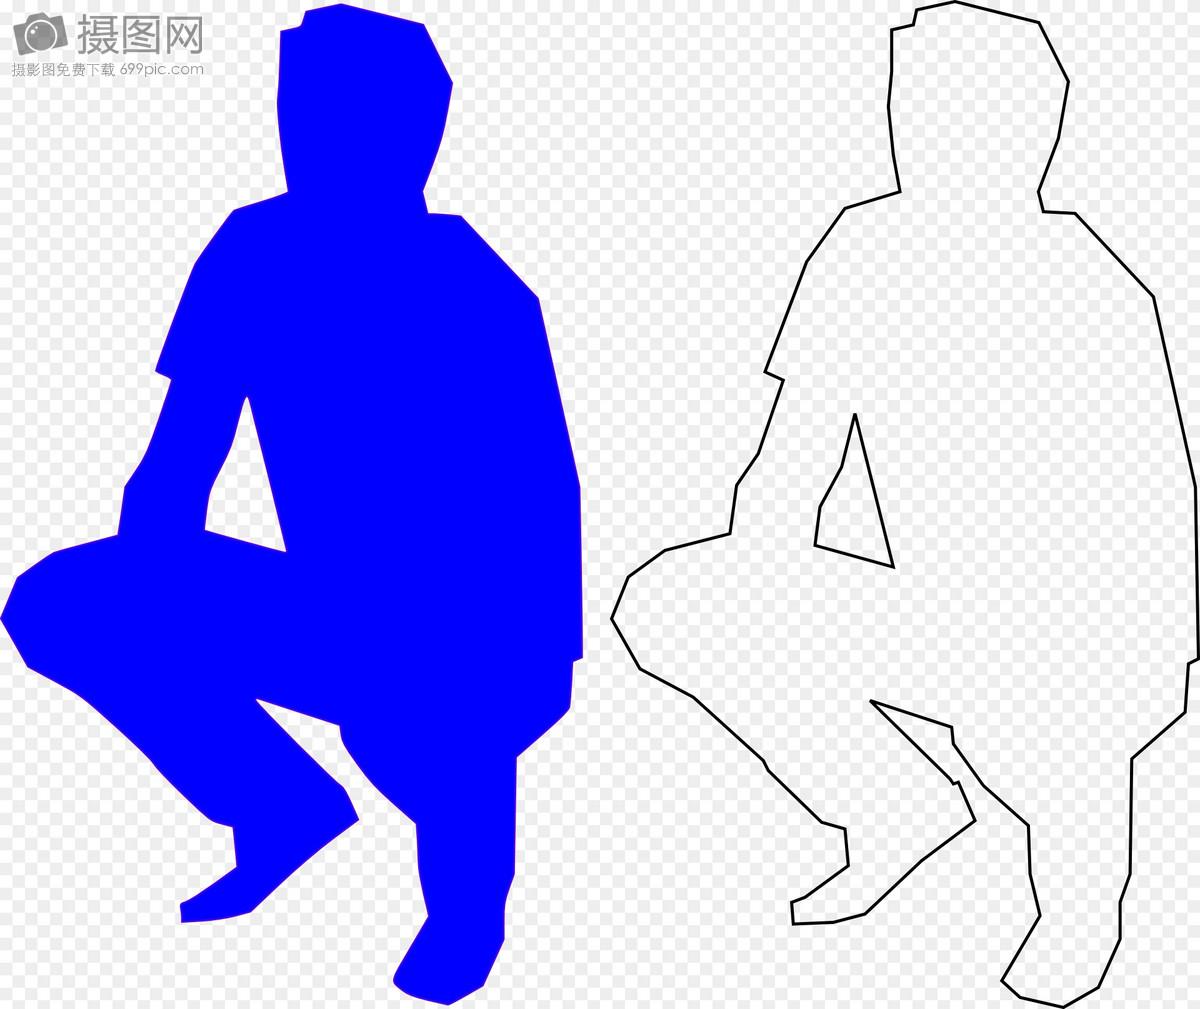 唯美图片 人物情感 蹲着的蓝色男人和线框男人svg